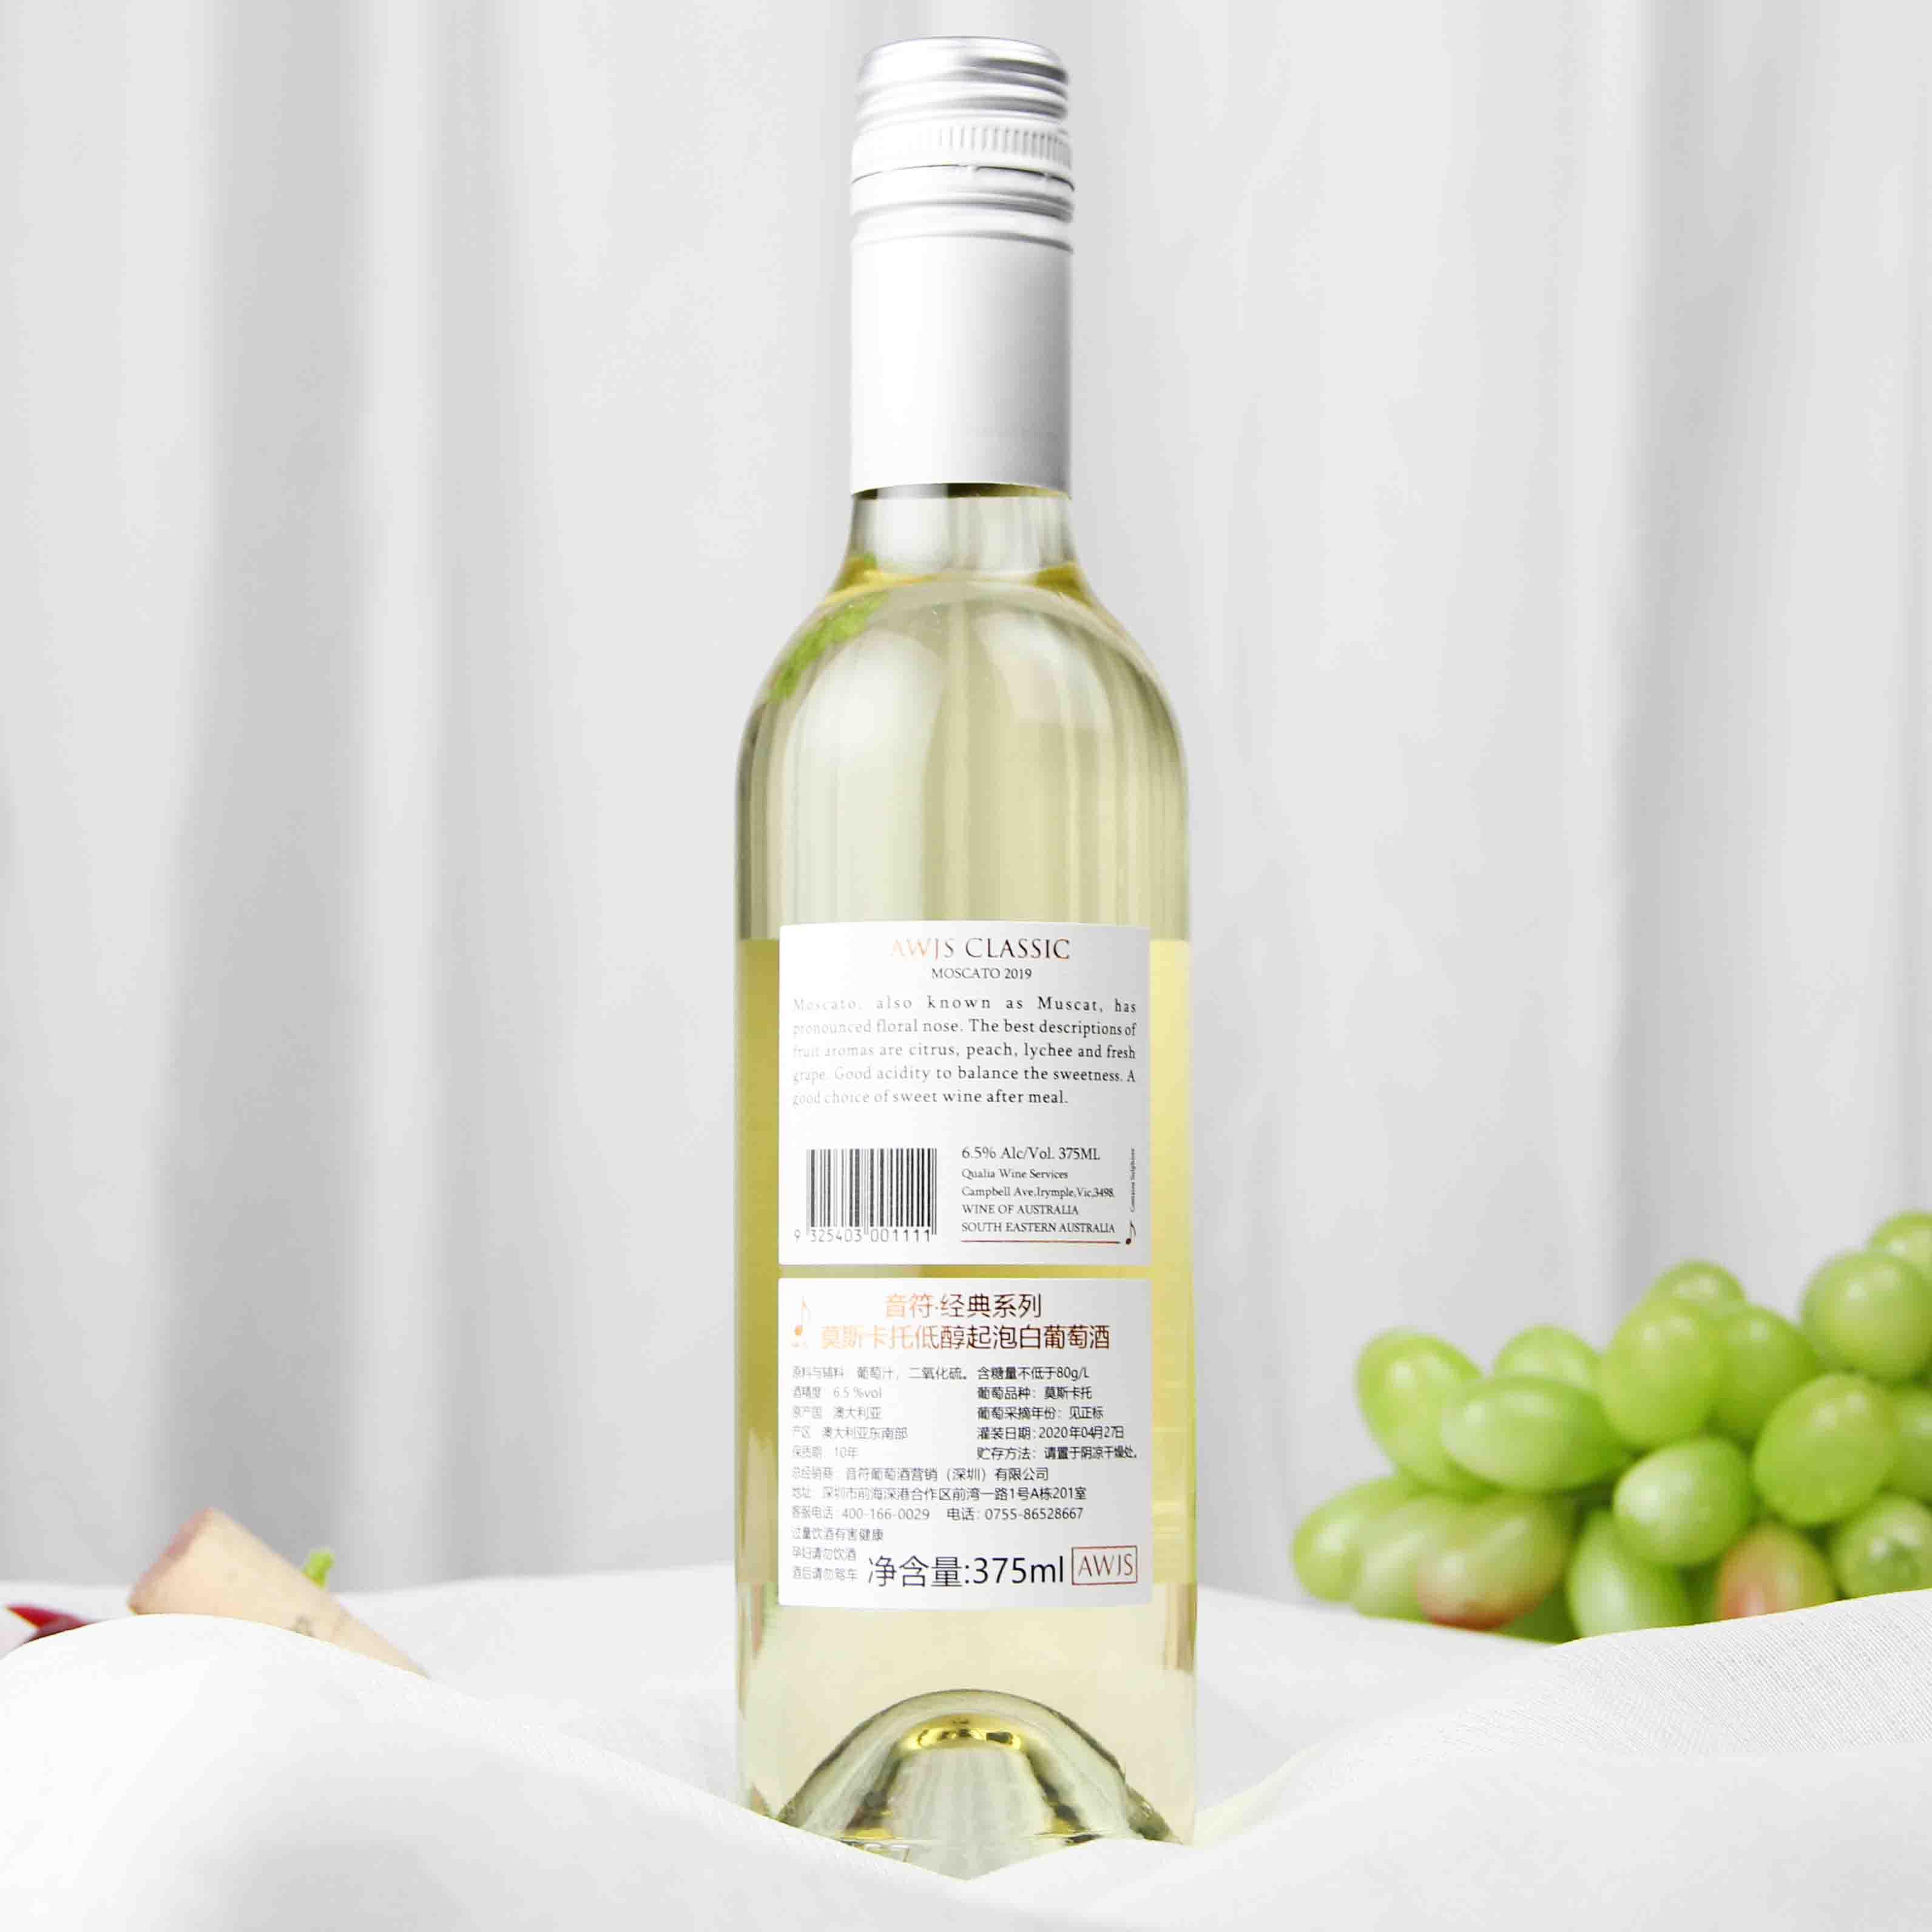 澳大利亚东南部音符·经典系列莫斯卡托低醇起泡白葡萄酒375ml